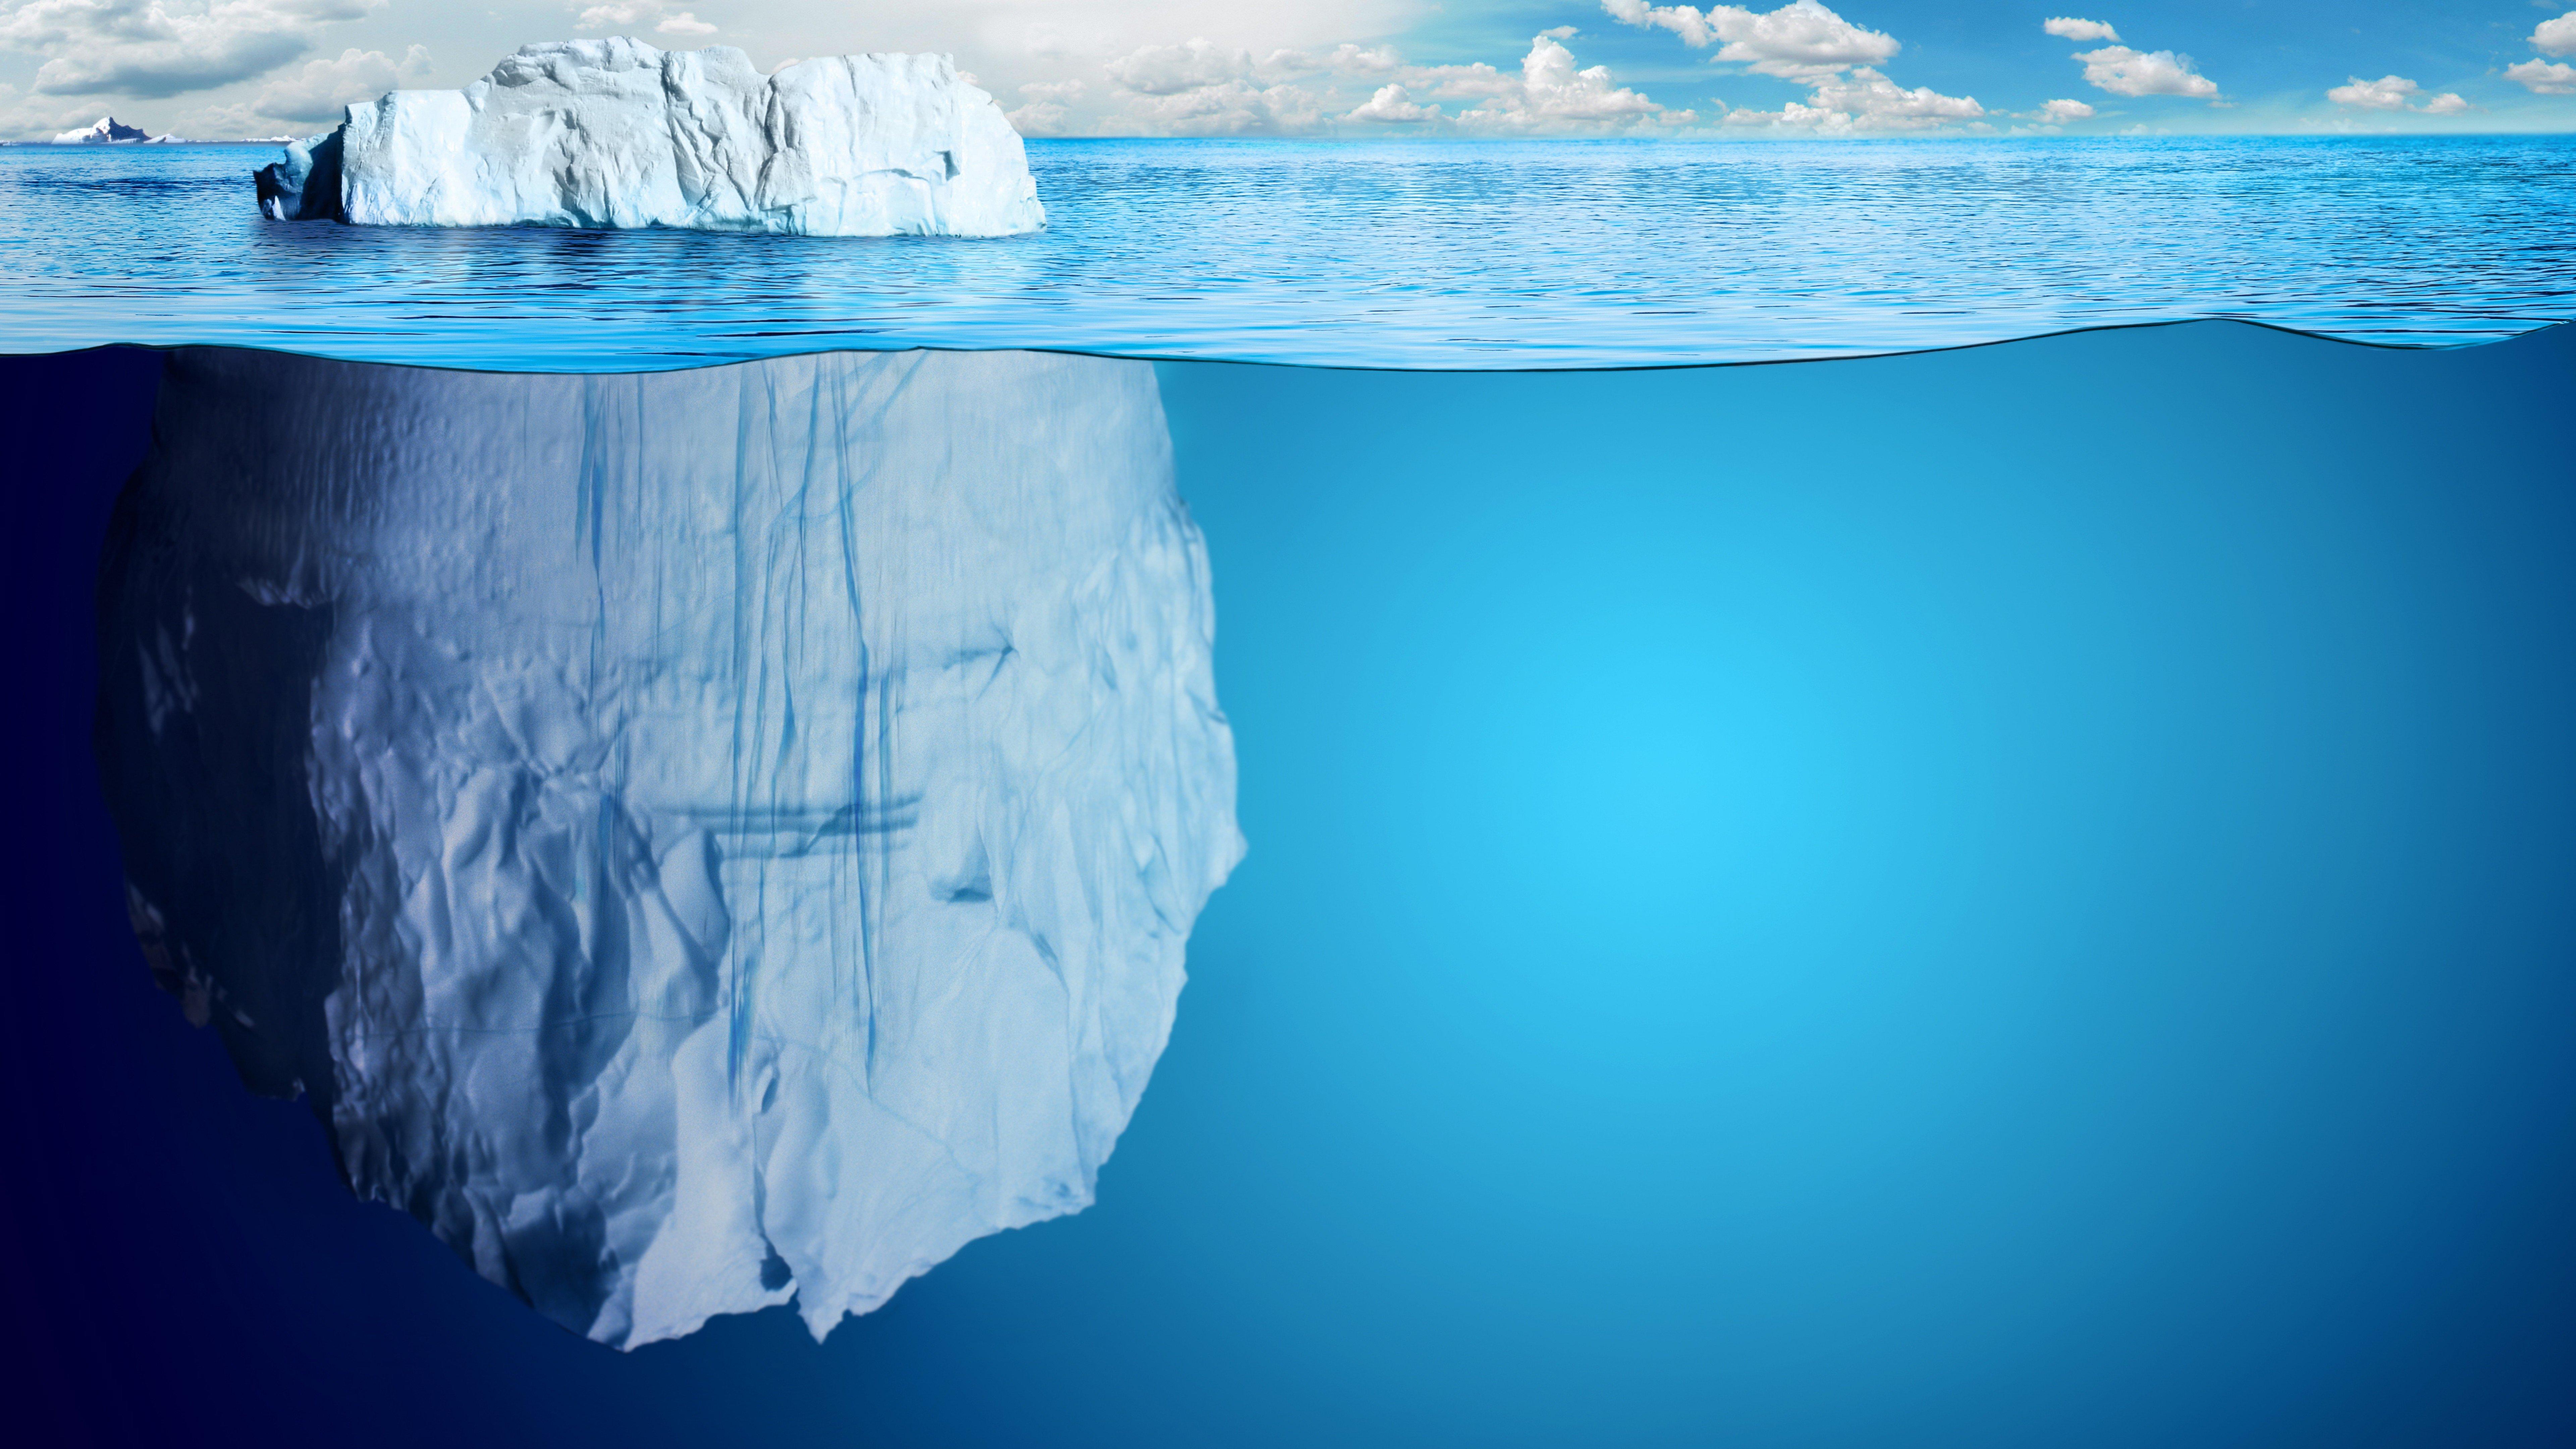 Fondos de pantalla Iceberg en el oceano